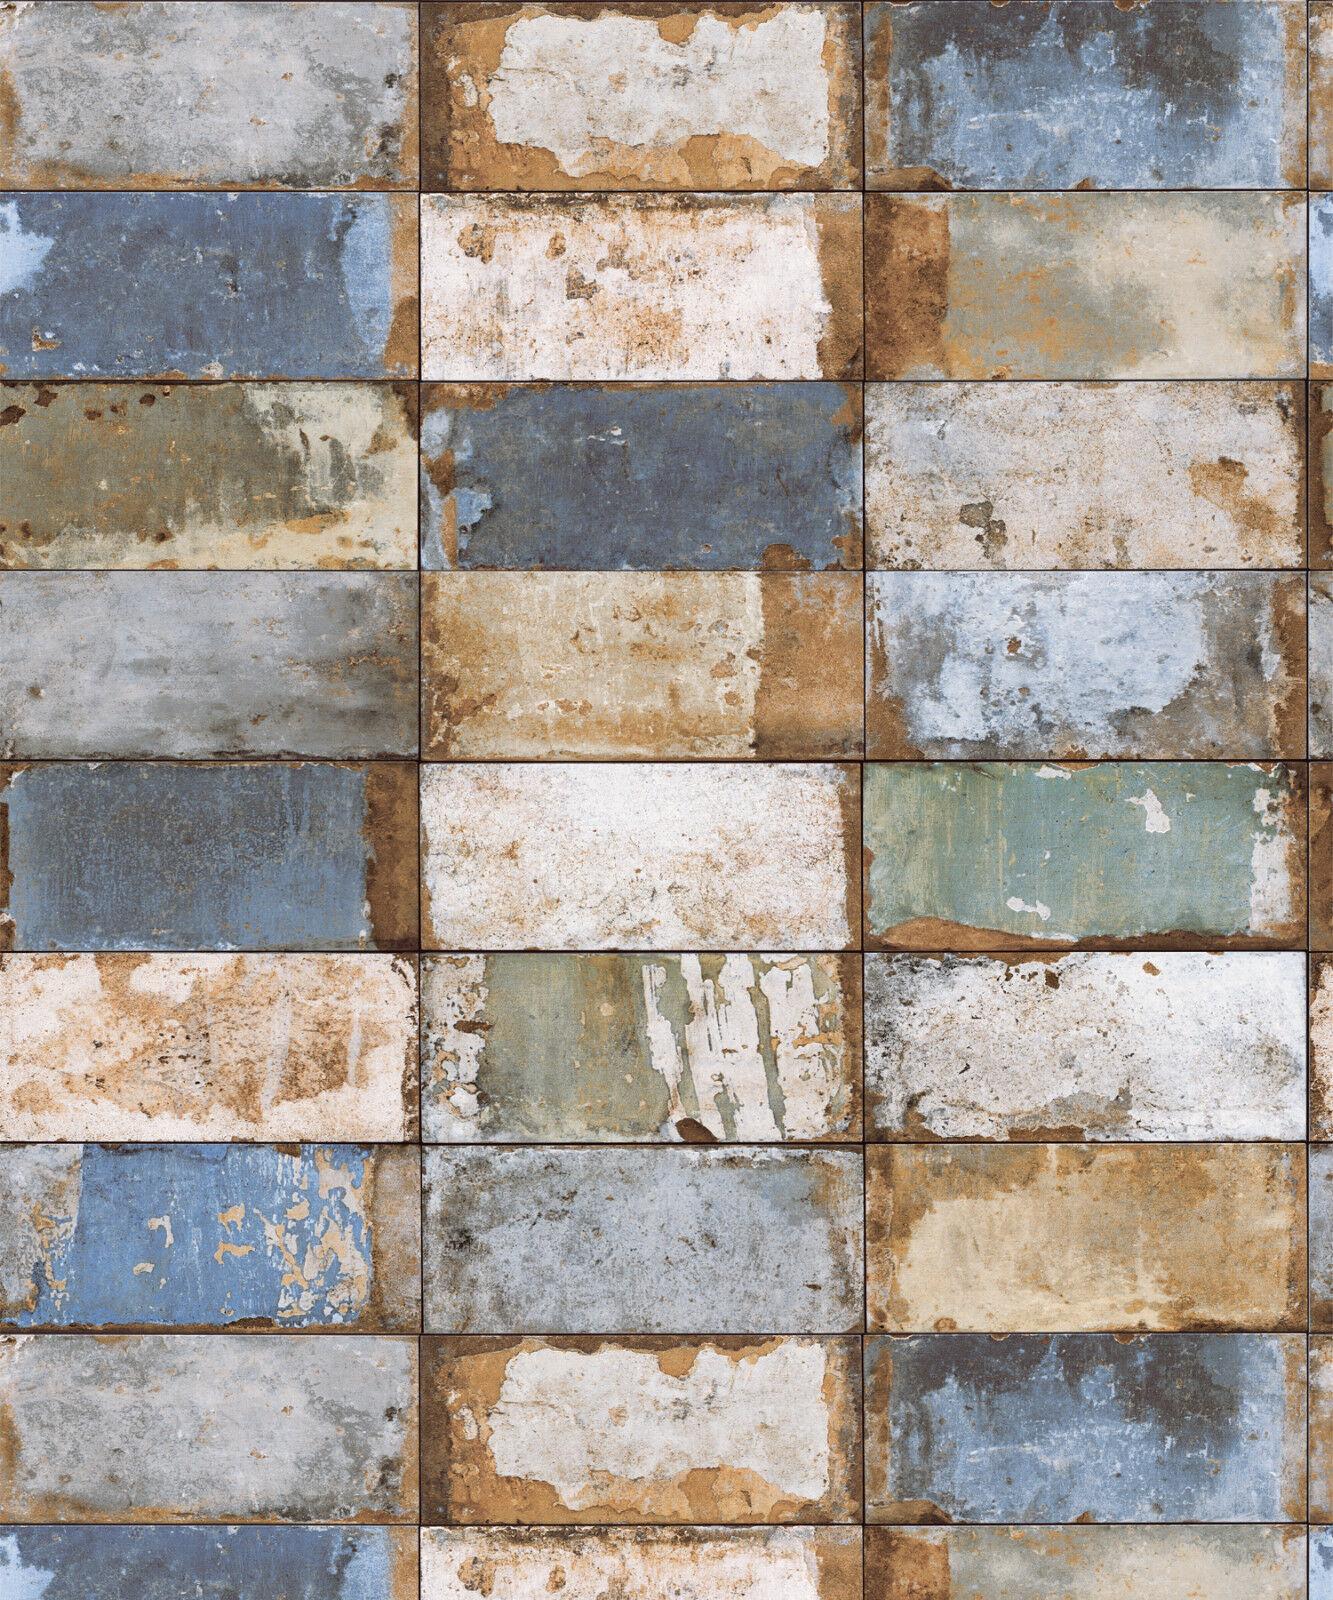 Vlies tapete stein fliesen riemchen klinker beige blau for Tapete stein